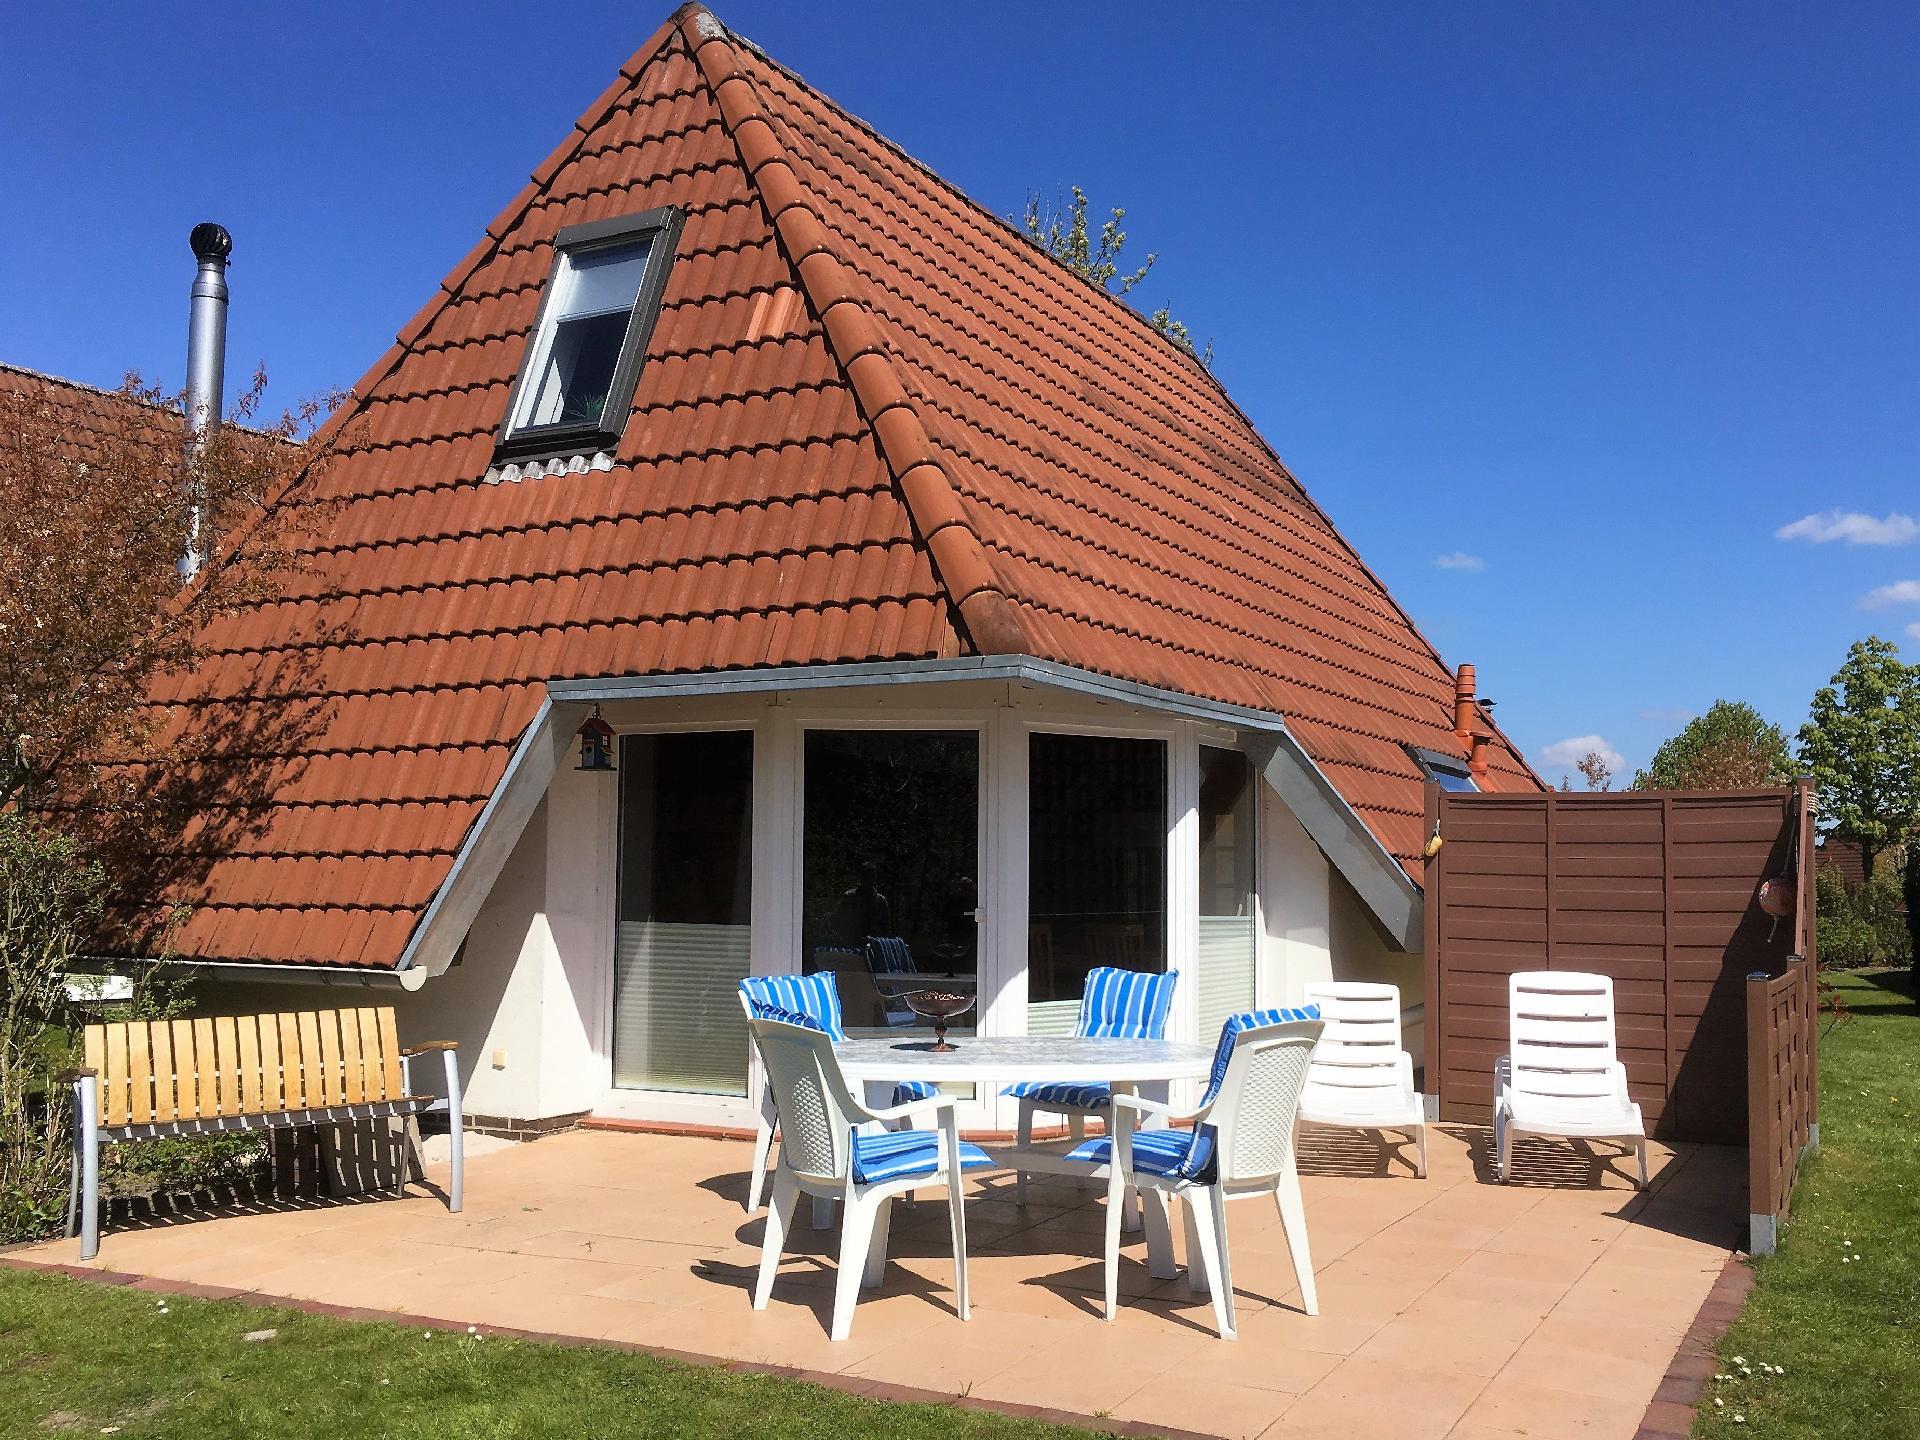 Ferienhaus für 4 Personen ca. 69 m² in D